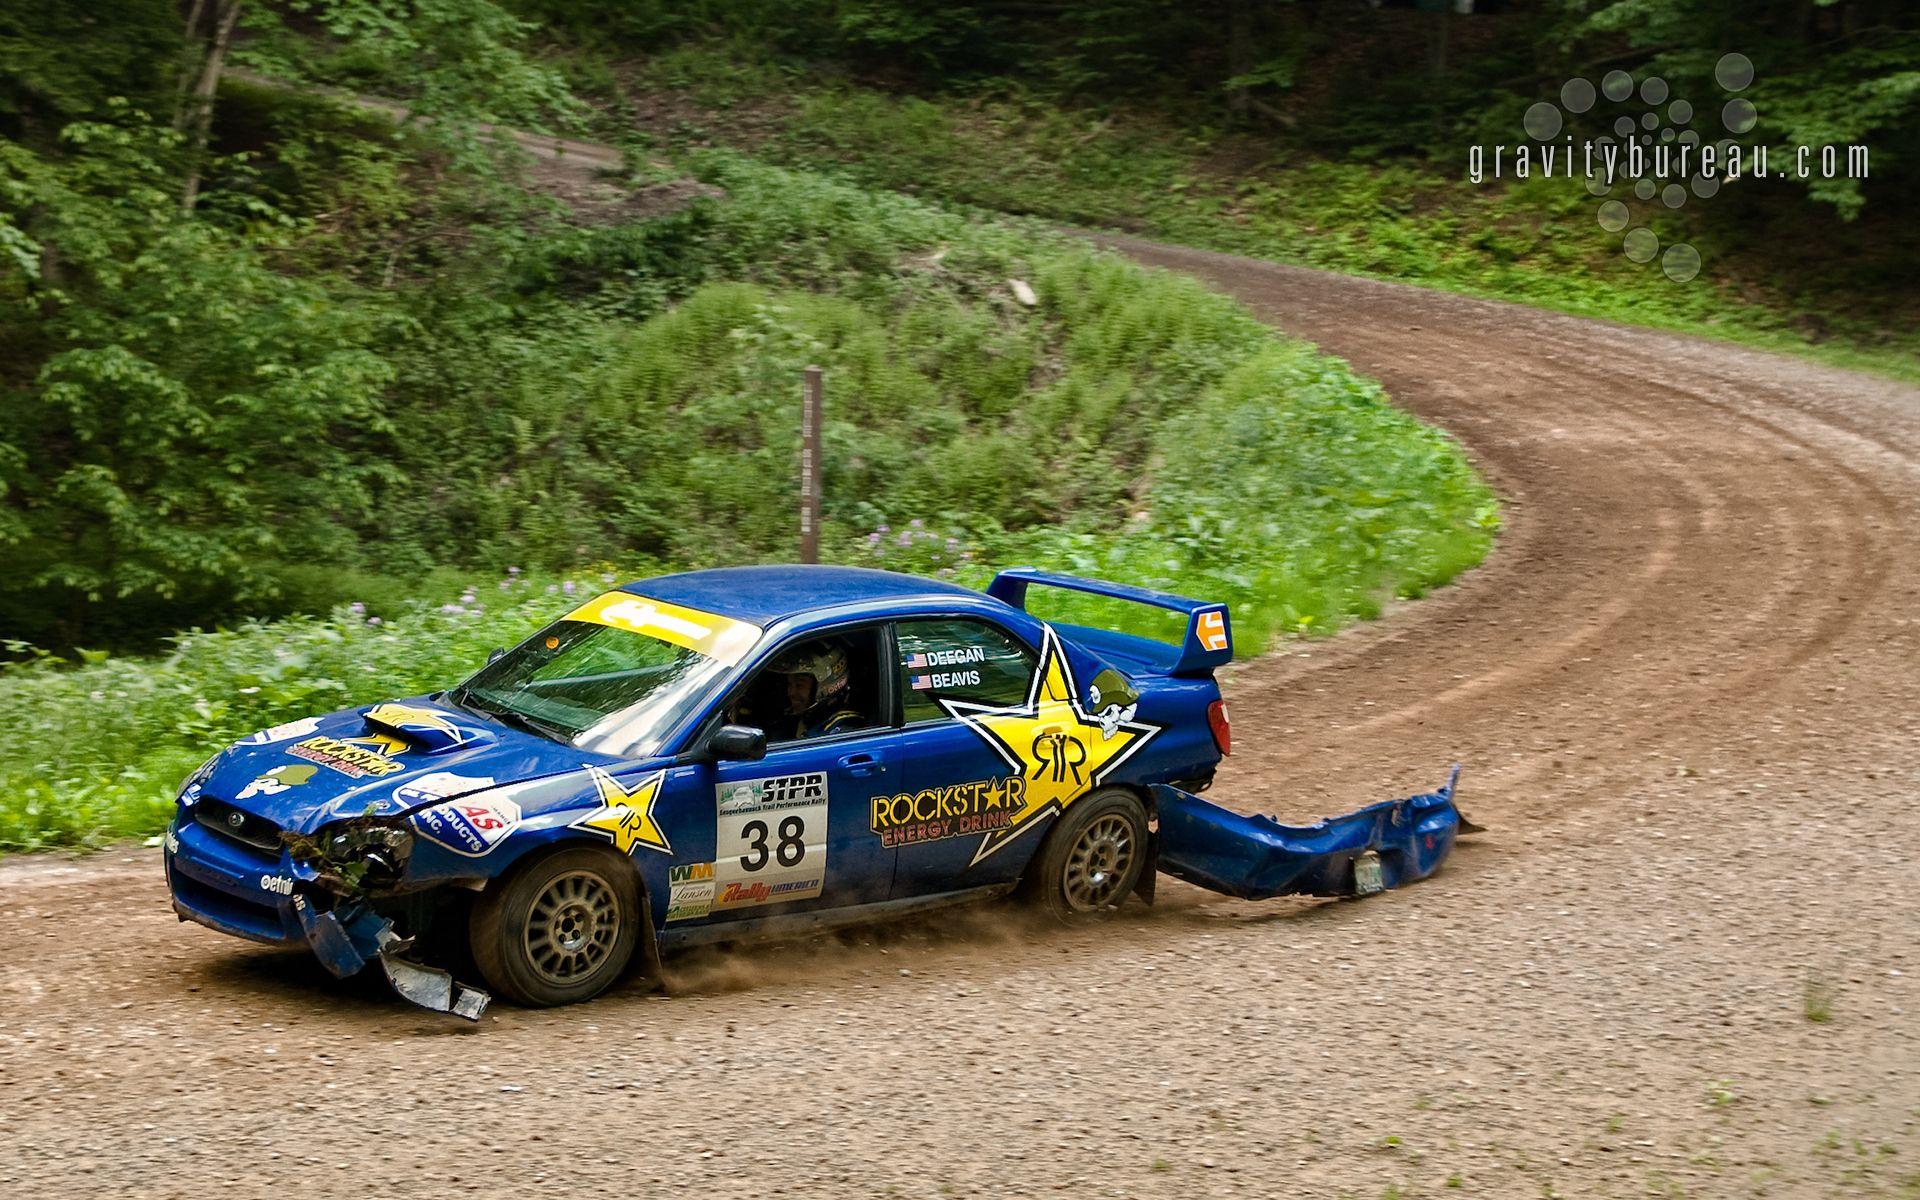 Explore subaru wrc rally car and more